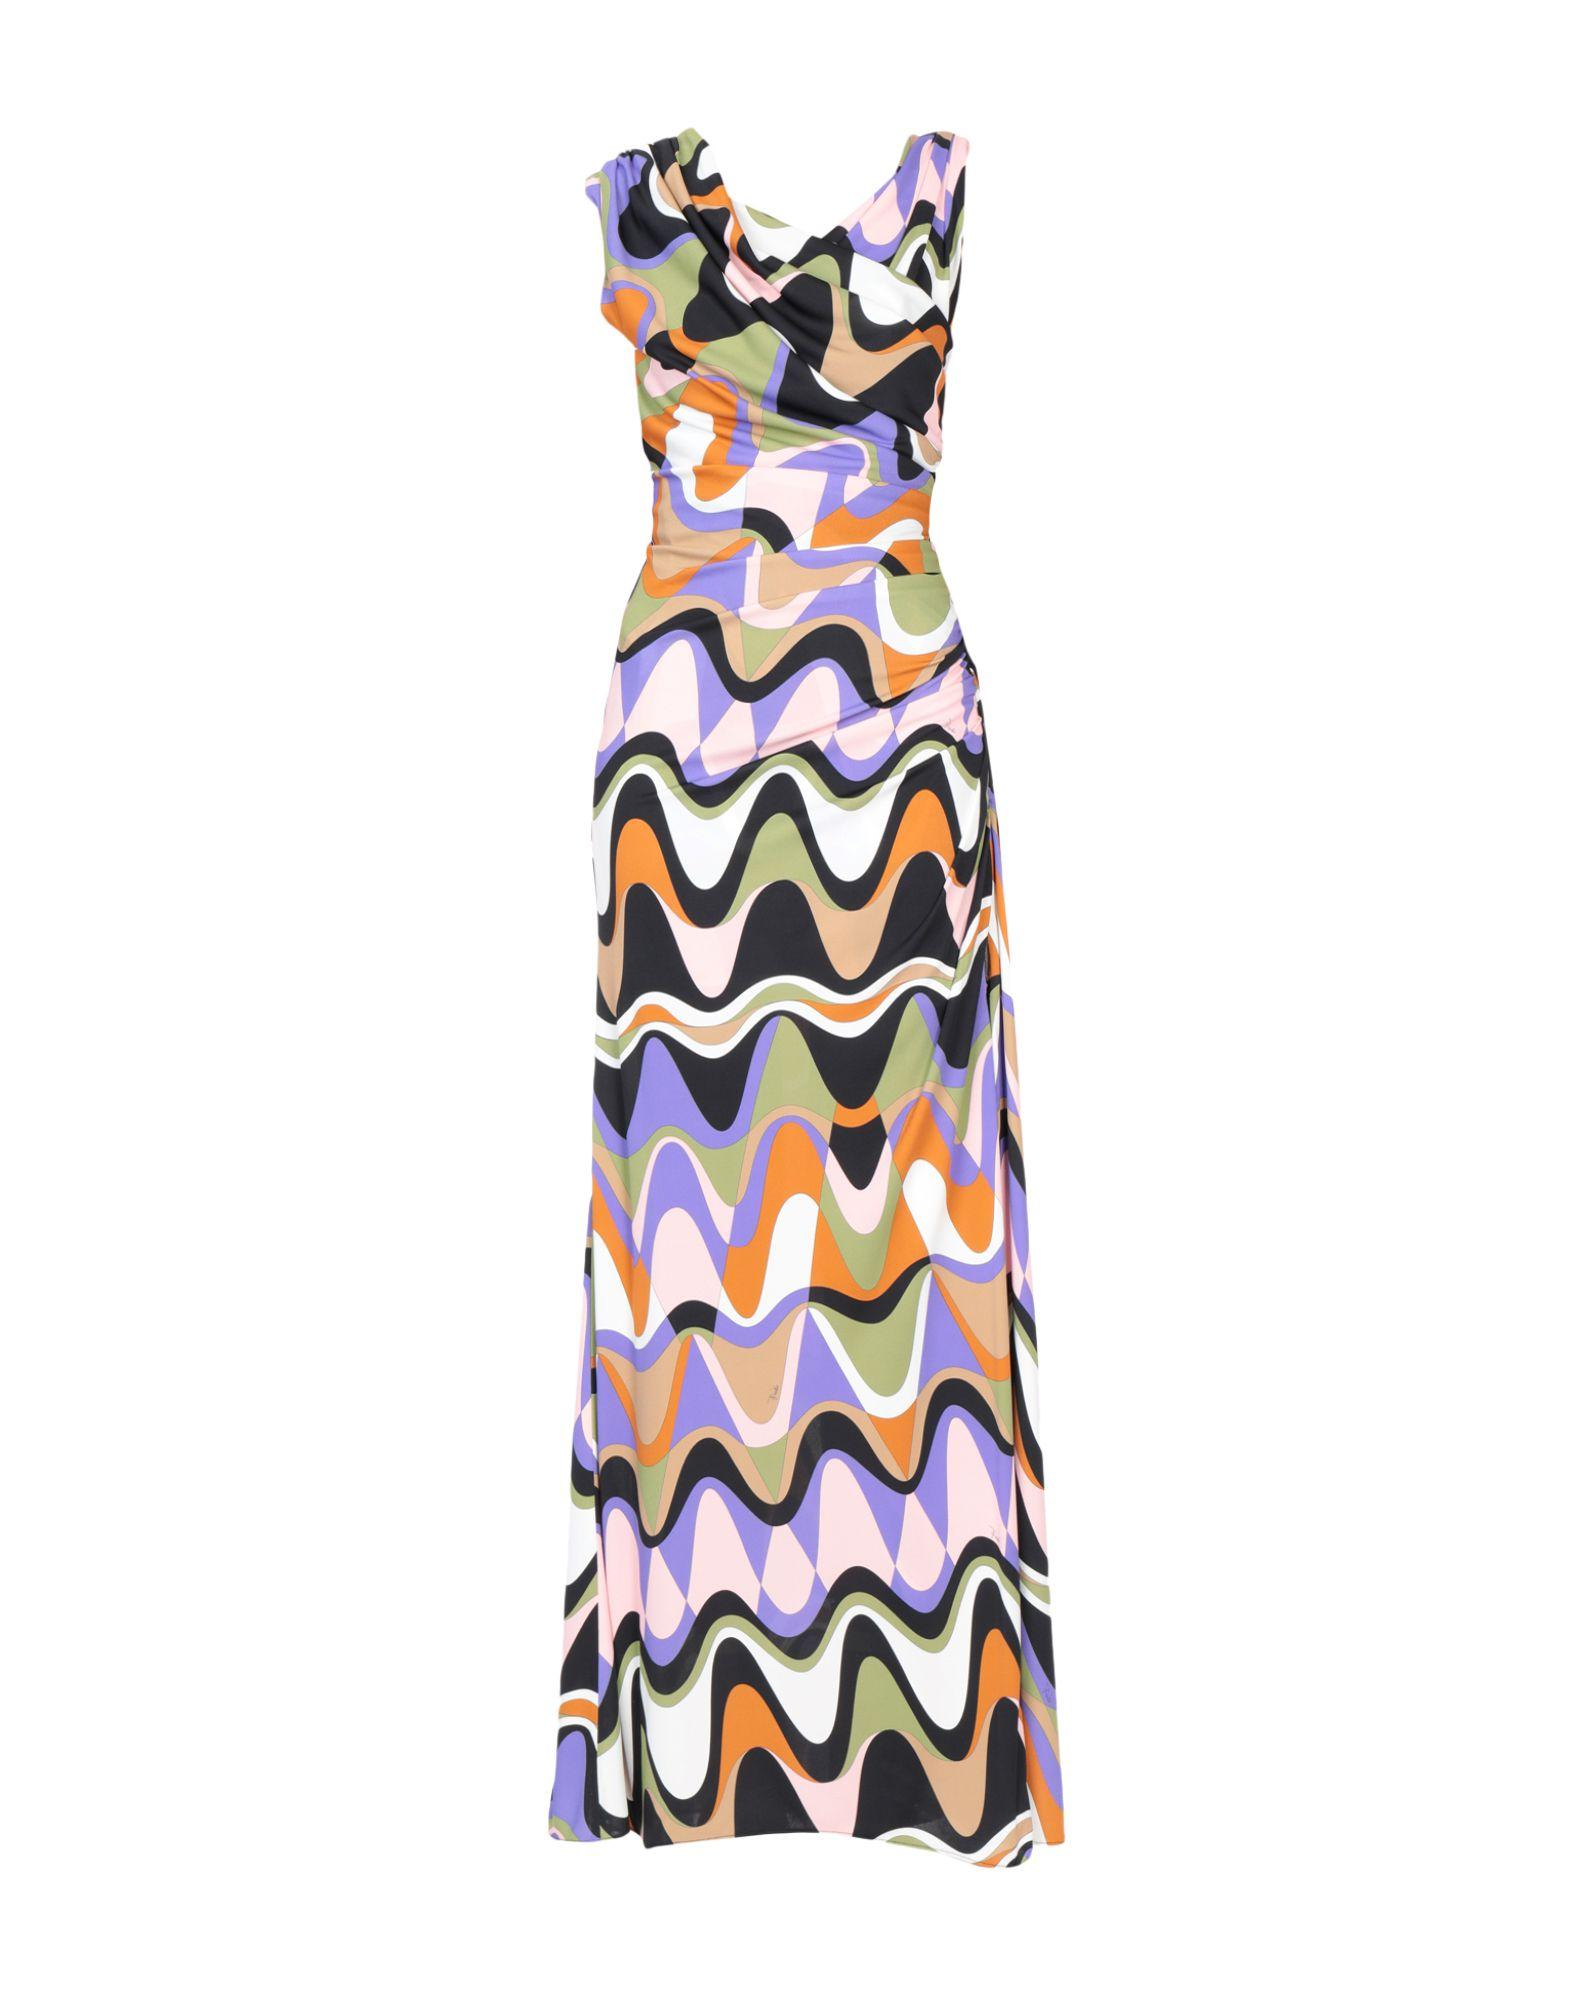 EMILIO PUCCI Длинное платье hitorat платье элегантной моды юбка 2015 осень зима новый стиль длинное платье рукав